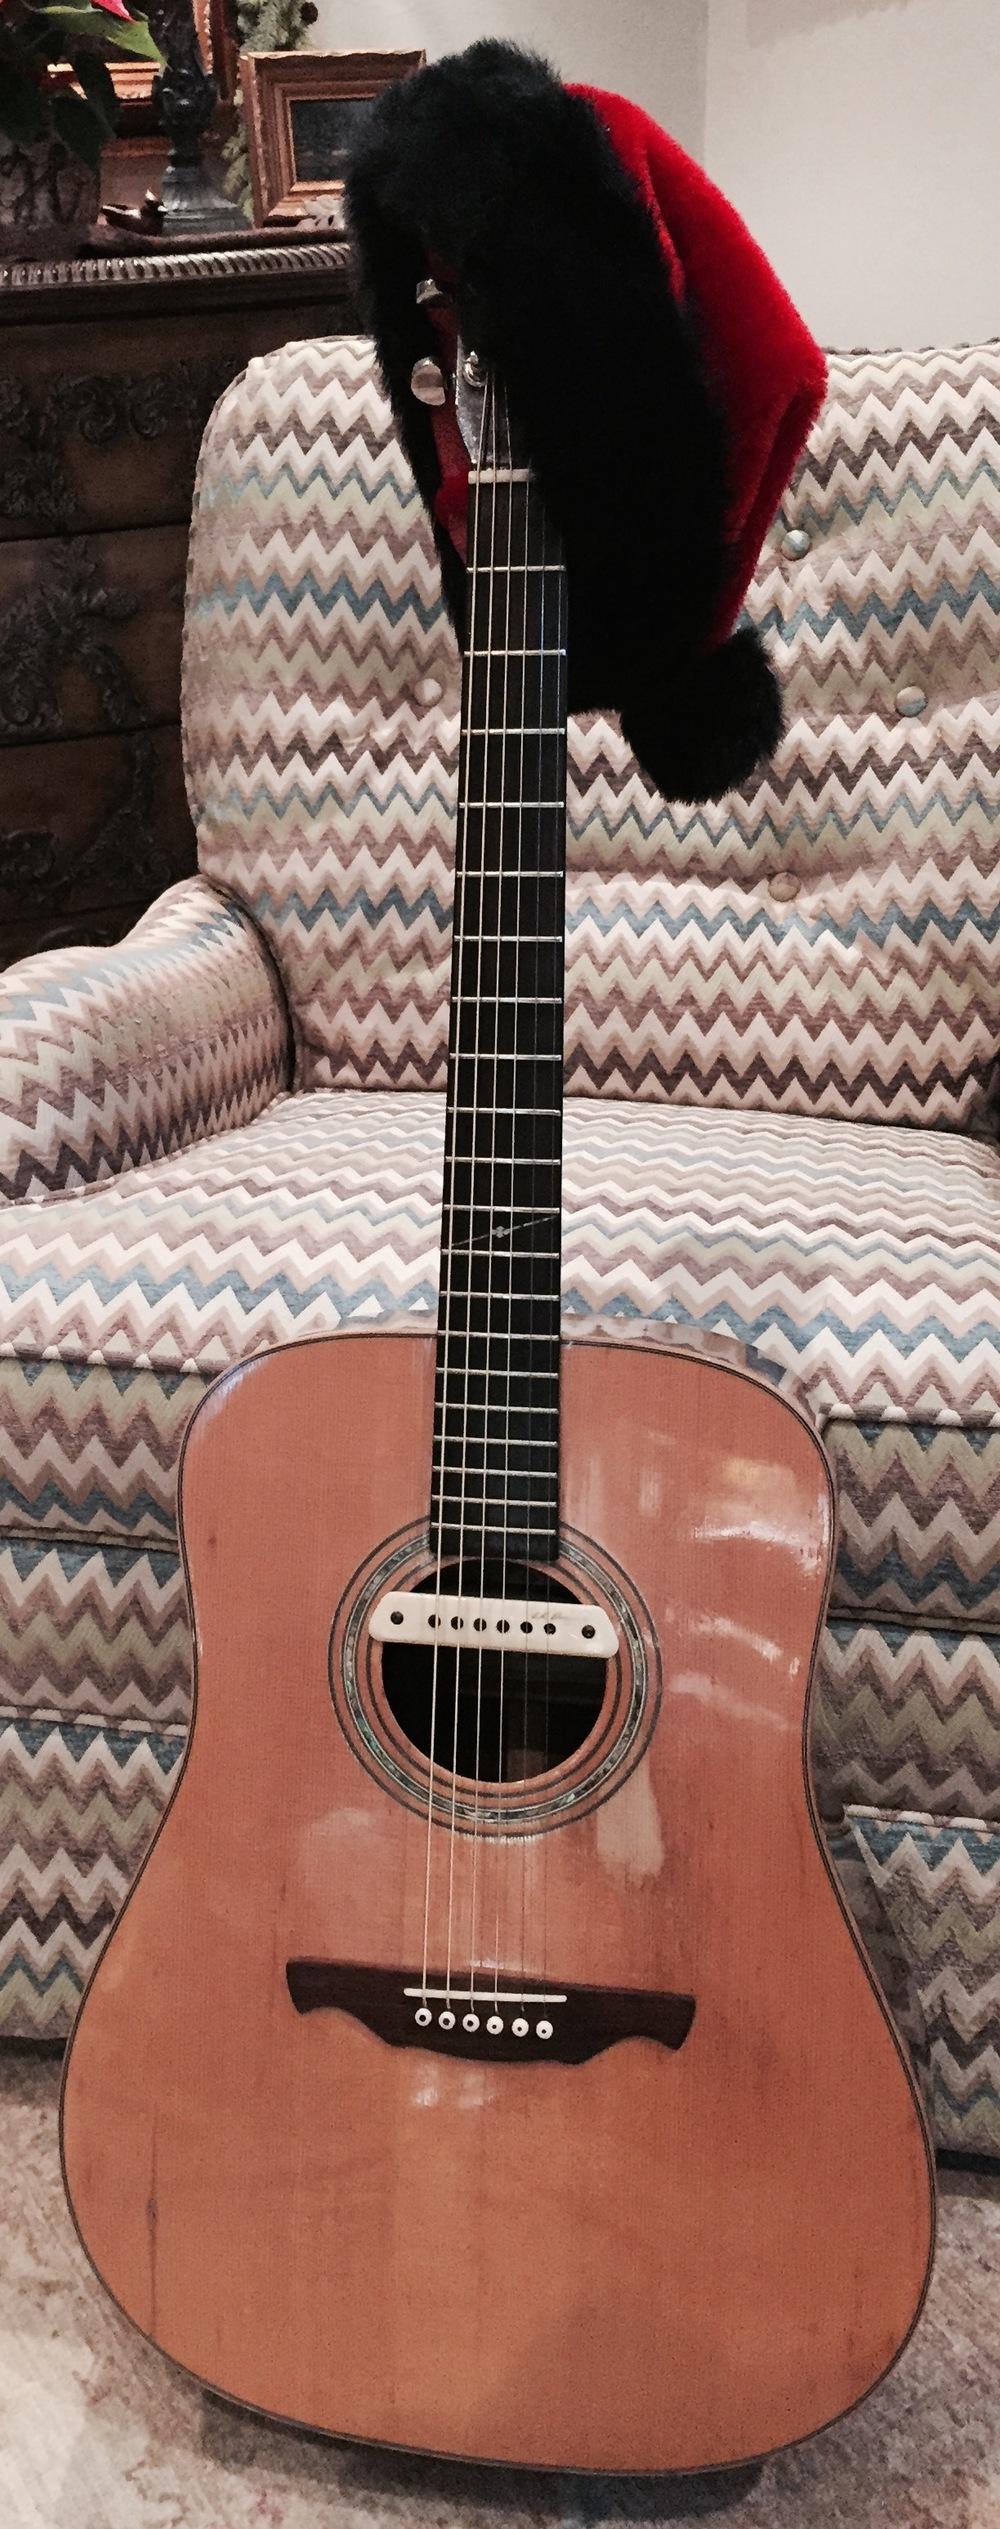 Andy's guitar.jpg